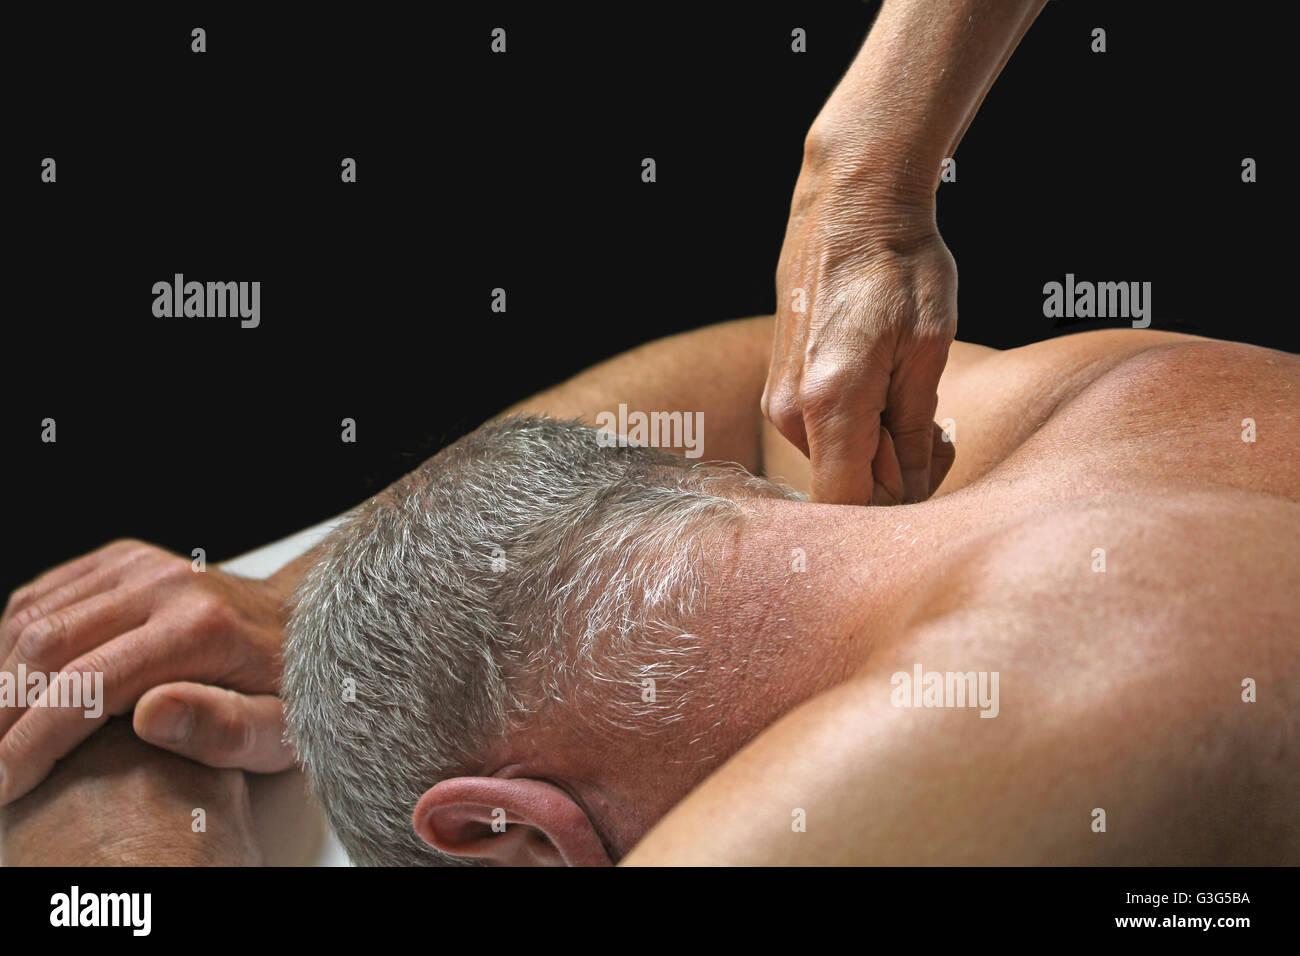 Terapeuta aplica presión al cuello del cliente propensas masculino sobre un fondo negro con espacio de copia Imagen De Stock